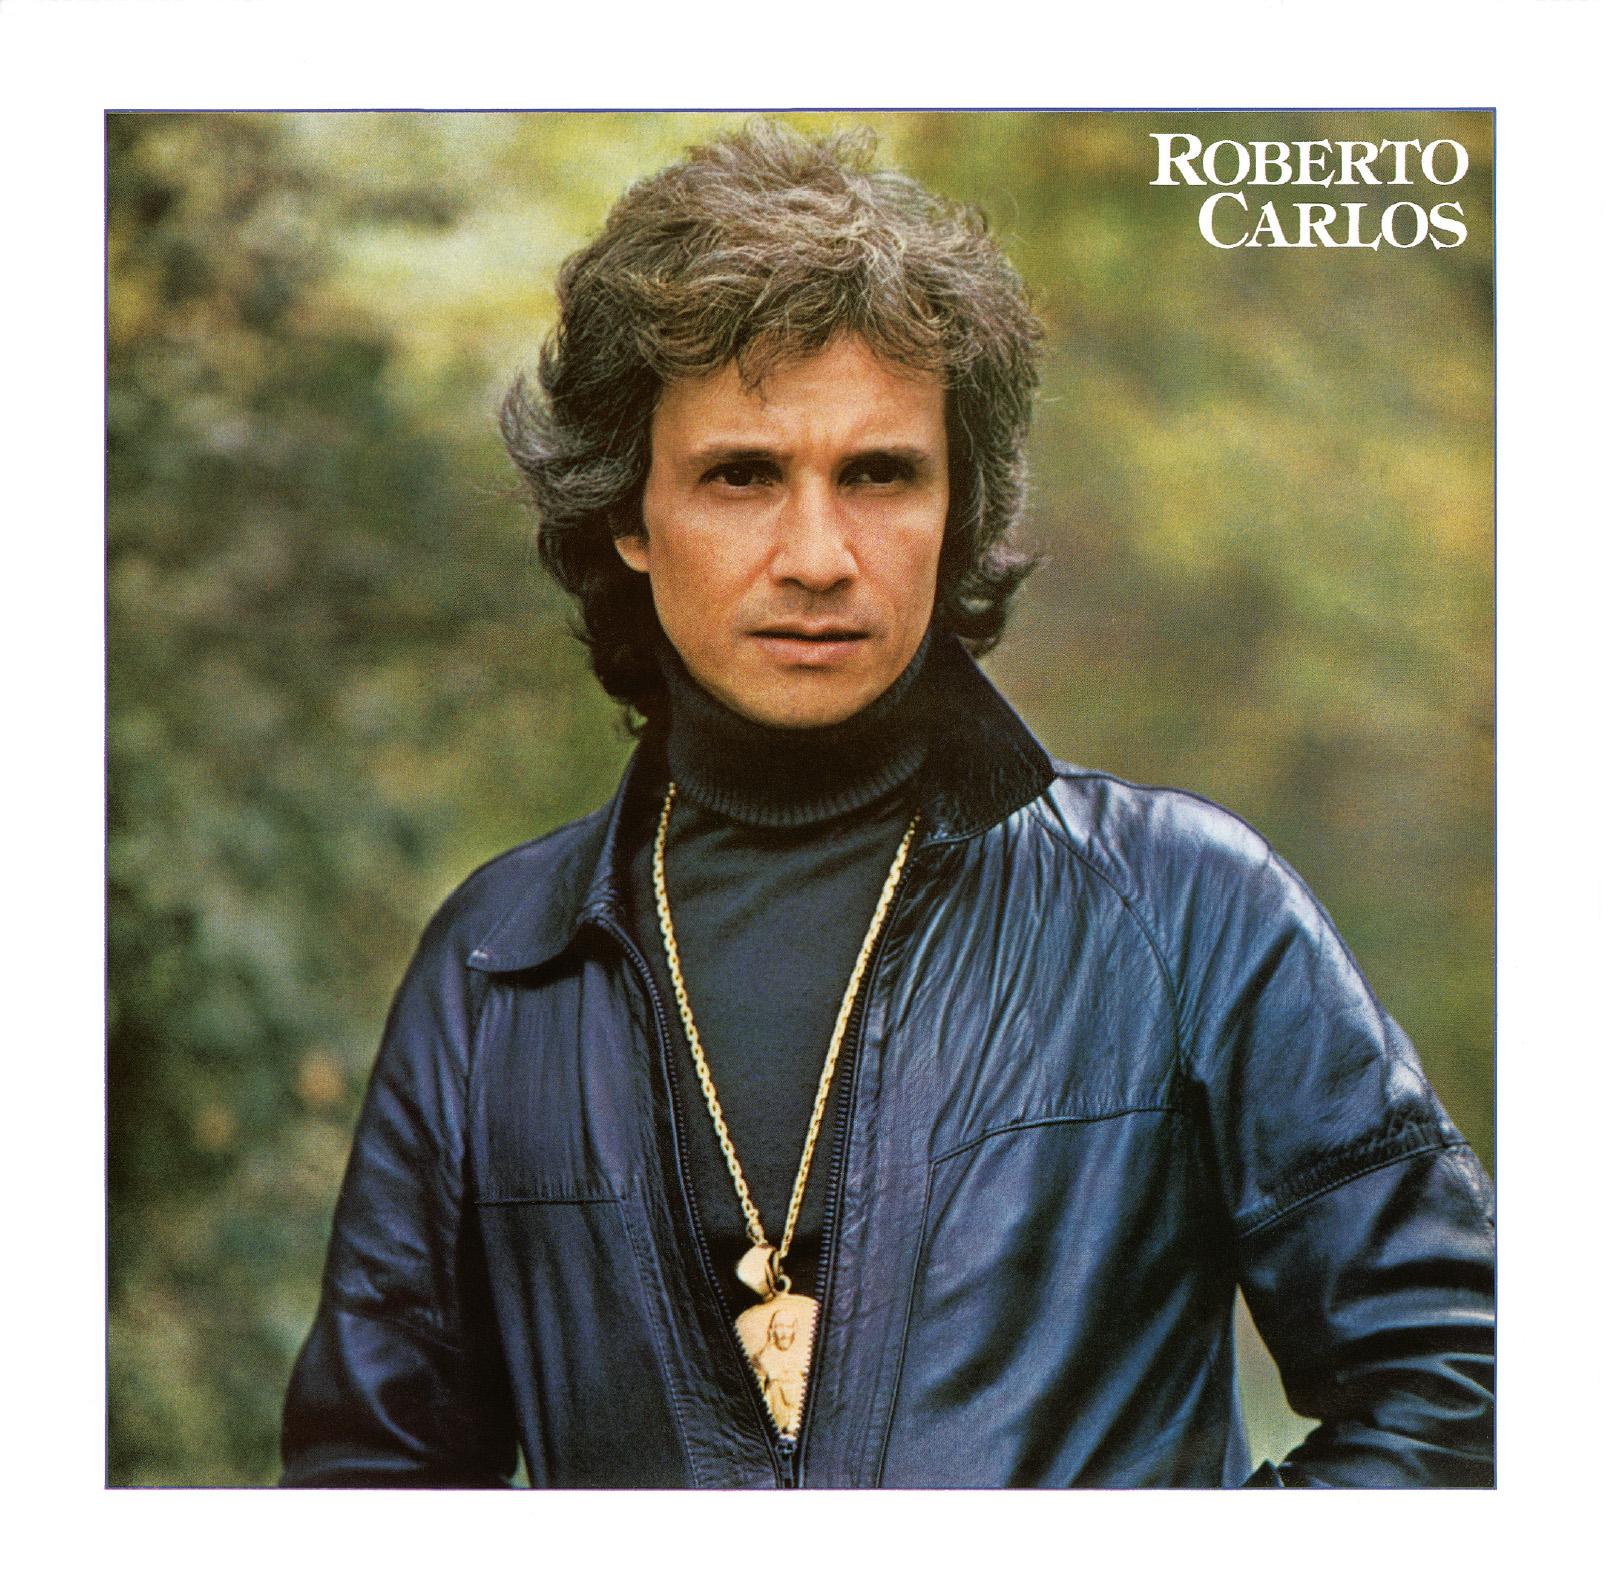 Roberto carlos 1982 roberto carlos for Cama y mesa roberto carlos letra